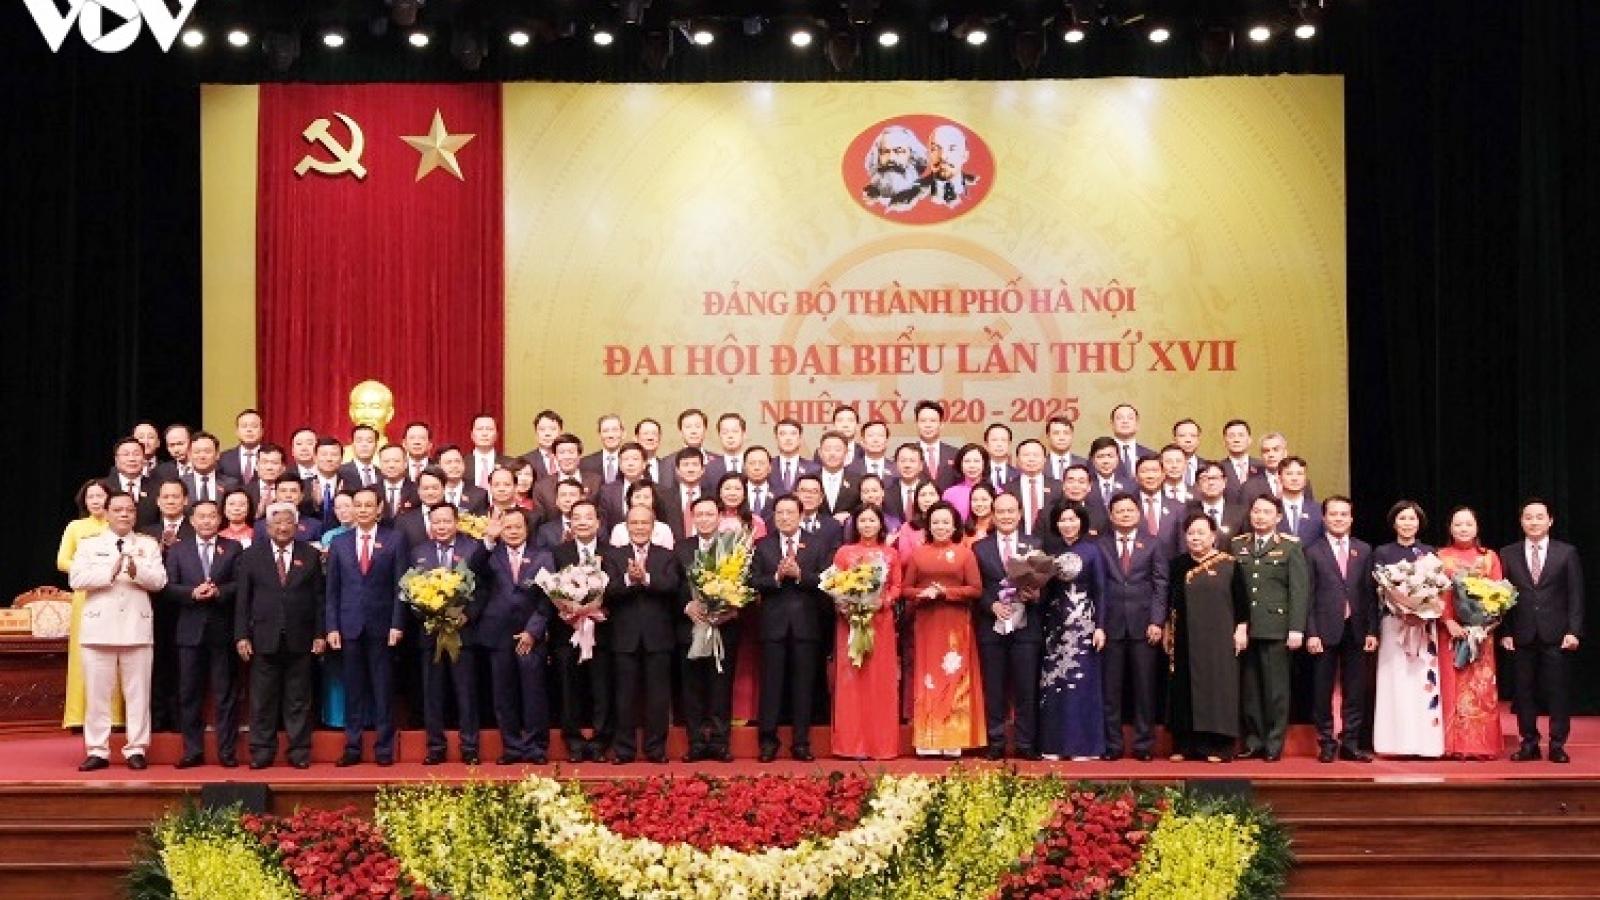 Danh sách Ban Chấp hành Đảng bộ TP Hà Nội khóa XVII, nhiệm kỳ 2020-2025